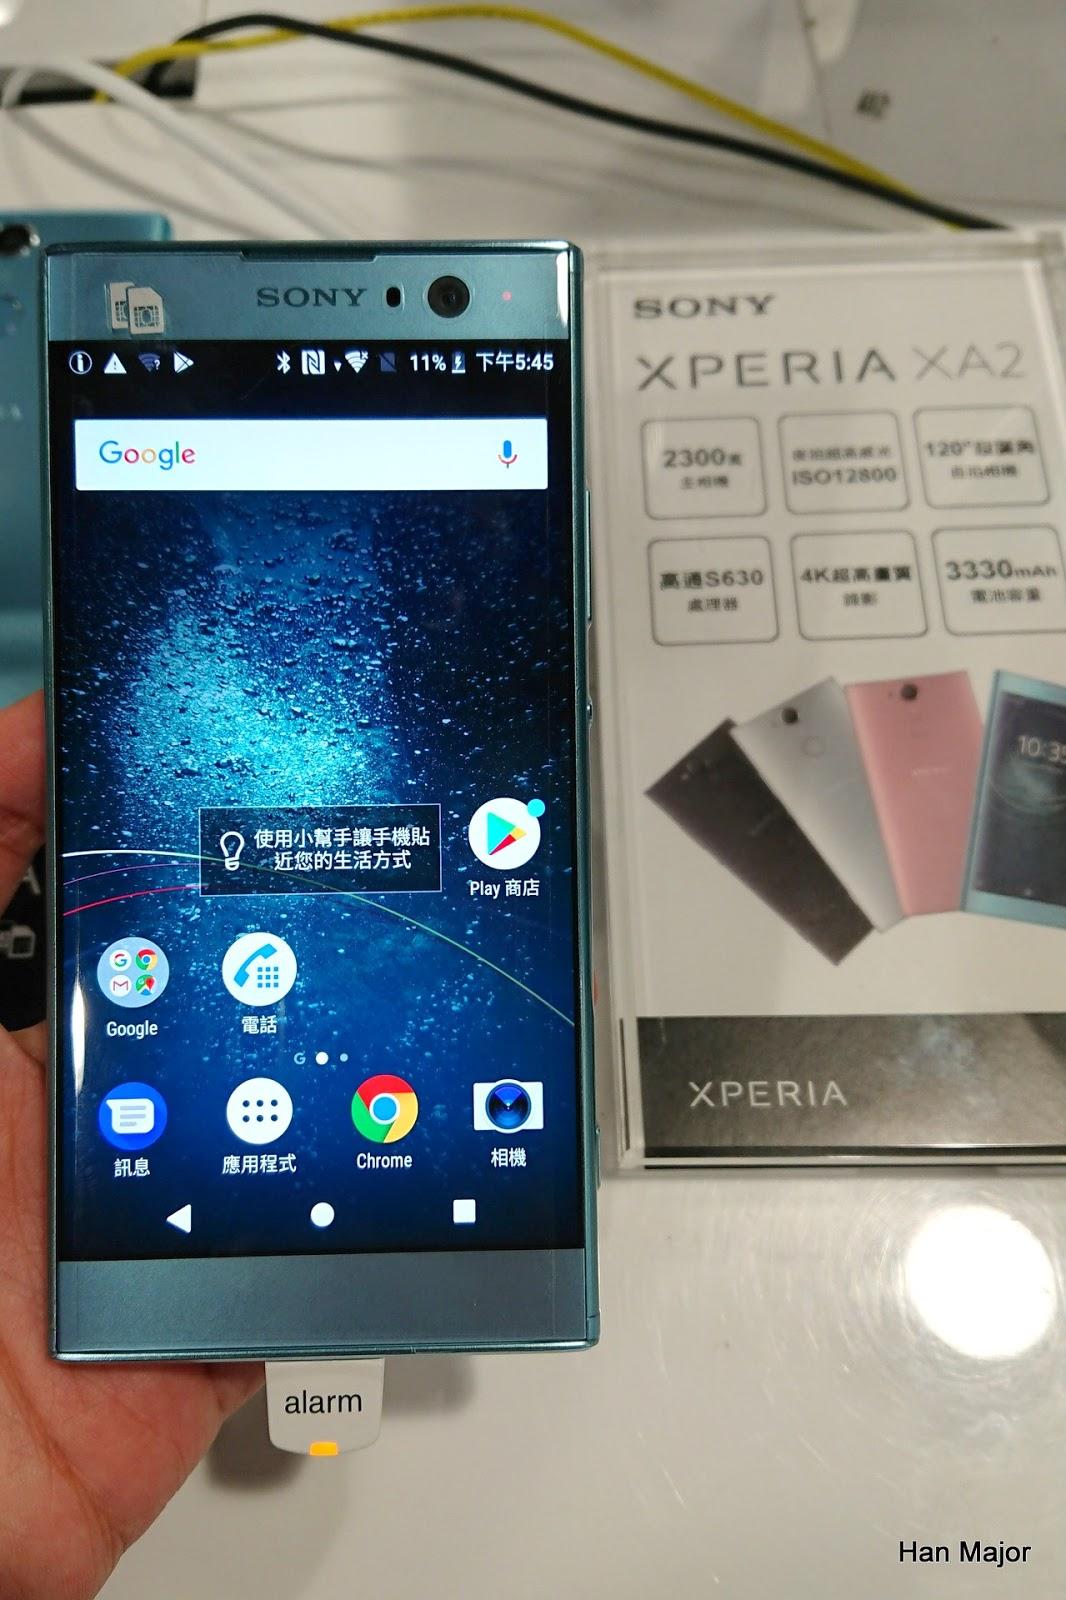 [比較]2018年索尼SONY中階手機Xperia XA2/XA2 Ultra系列排排站。與上一代XA1/XA1 Ultra差異比較